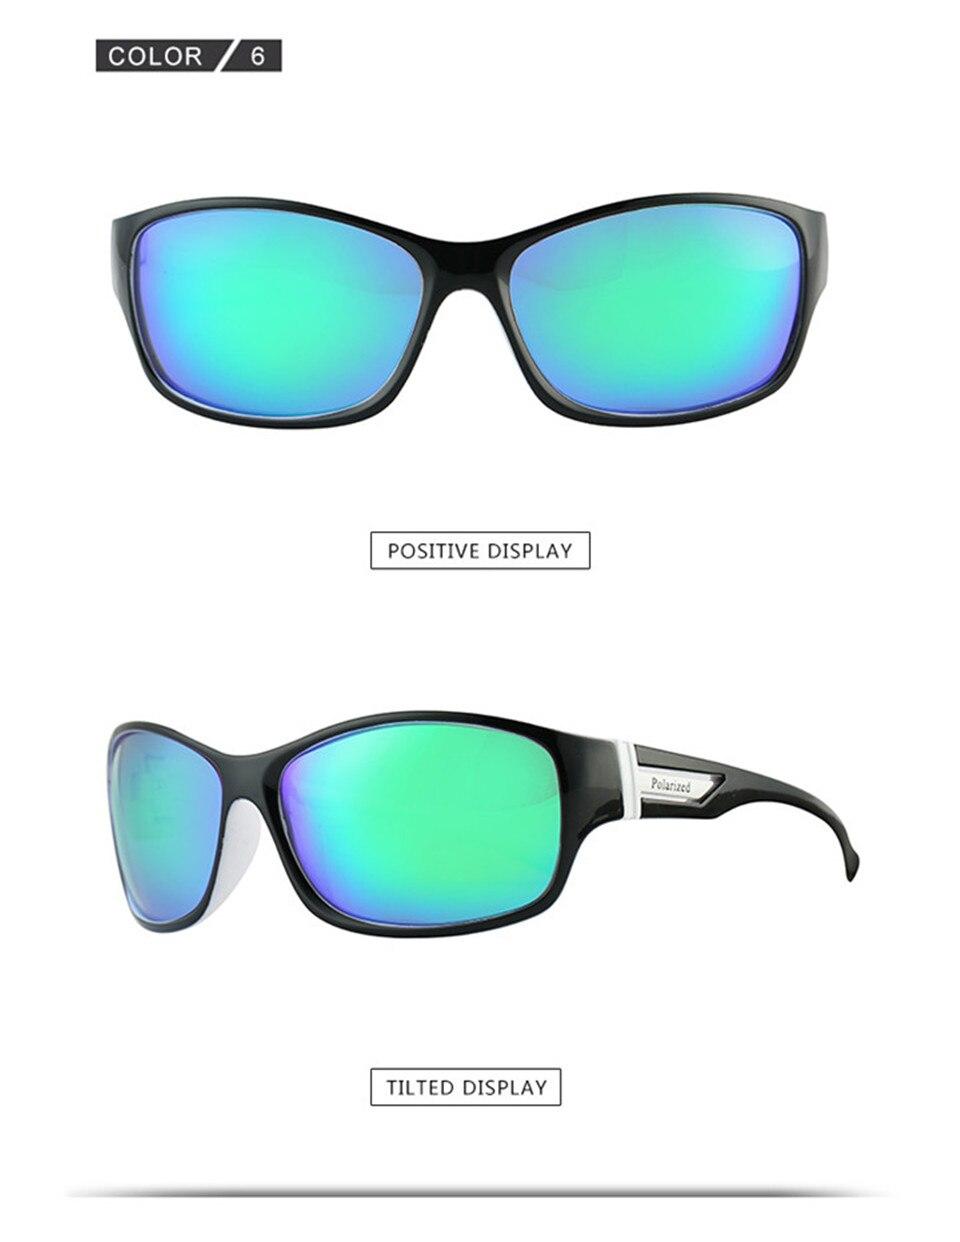 RILIXES 2018 Fashion Guy\'s Sun Glasses From Kdeam Polarized Sunglasses Men Classic Design All-Fit Mirror Sunglass (12)